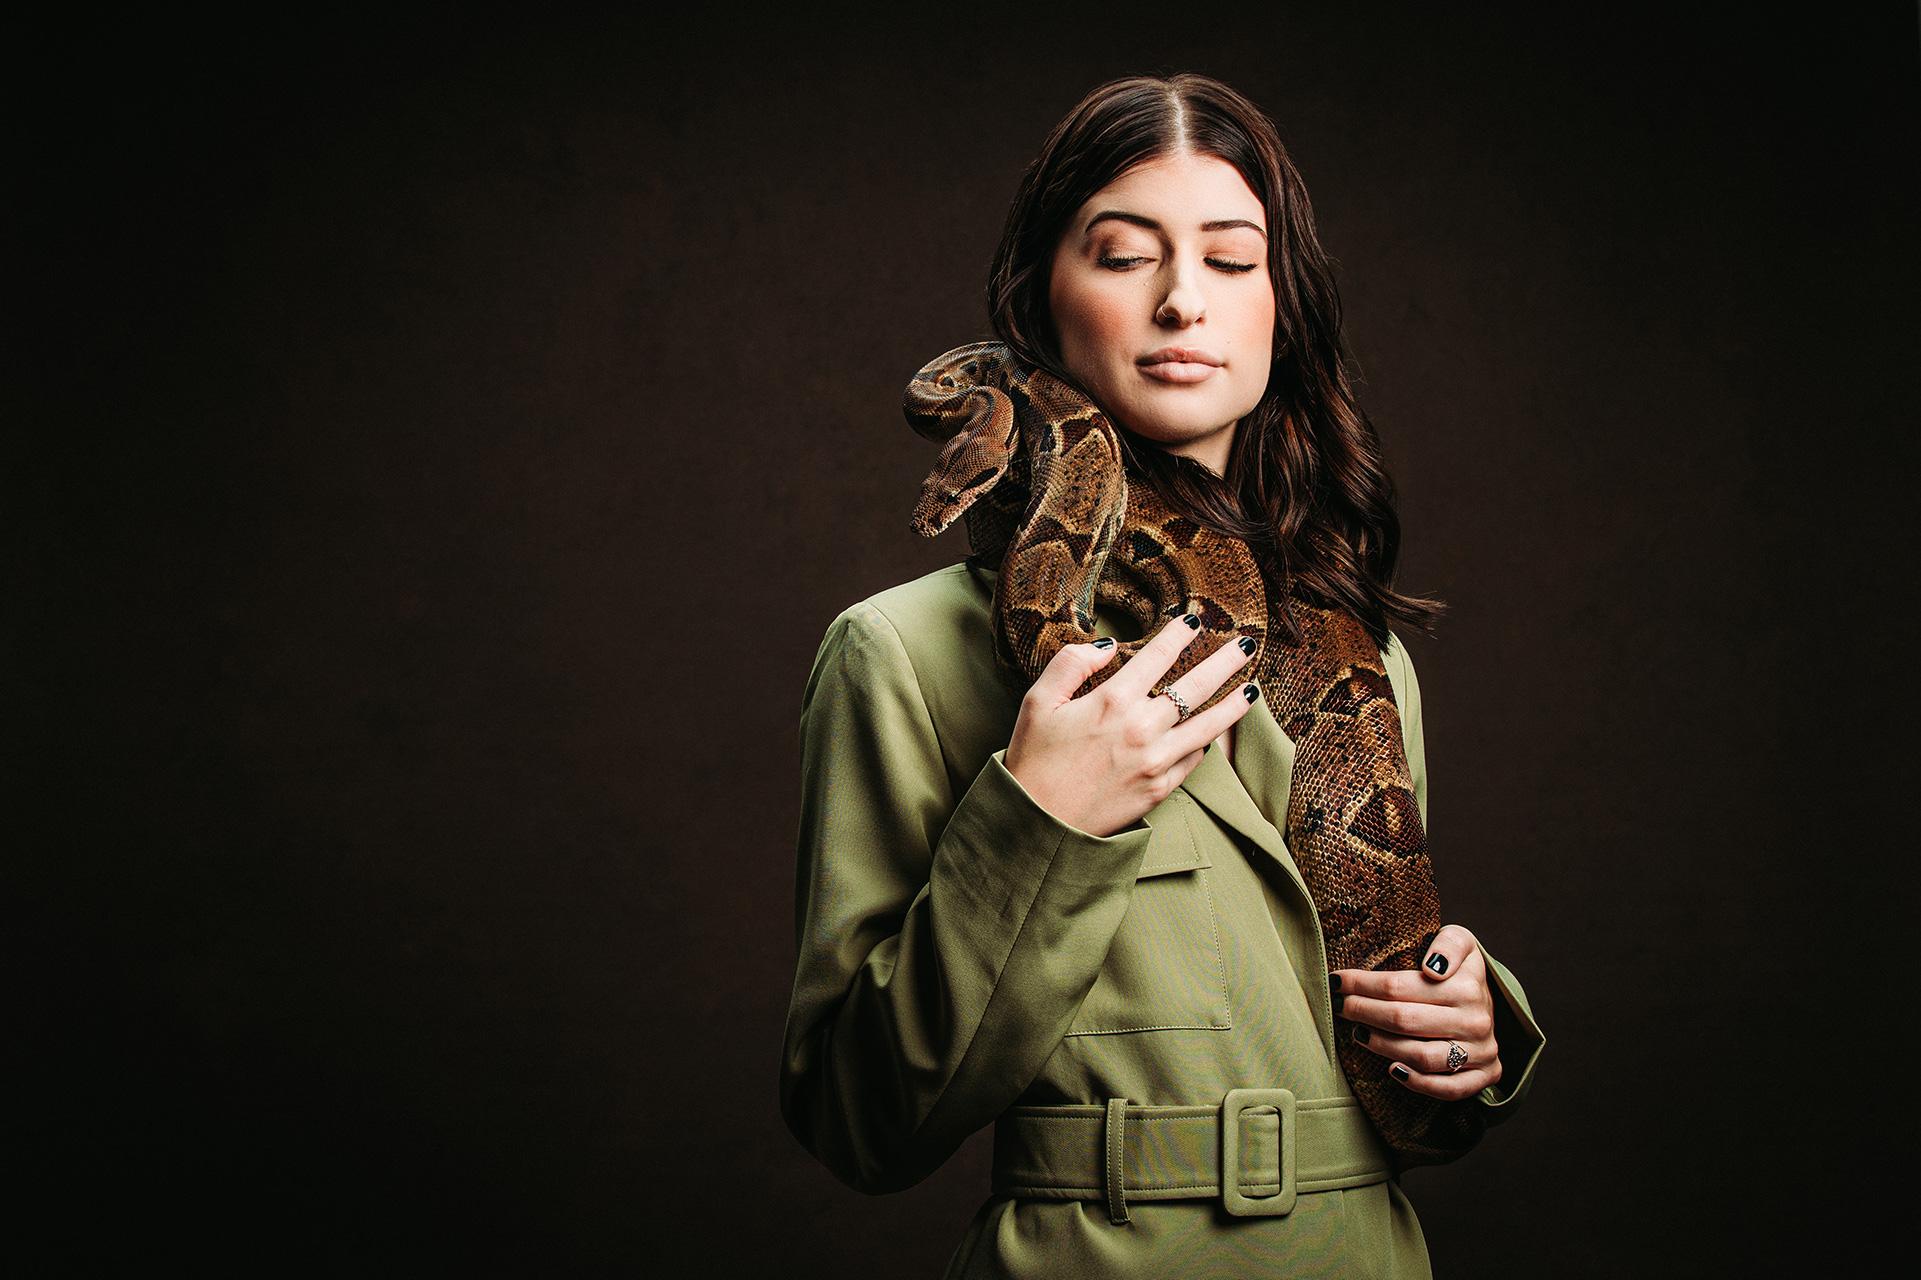 Senior photo of girl holding snake in studio.